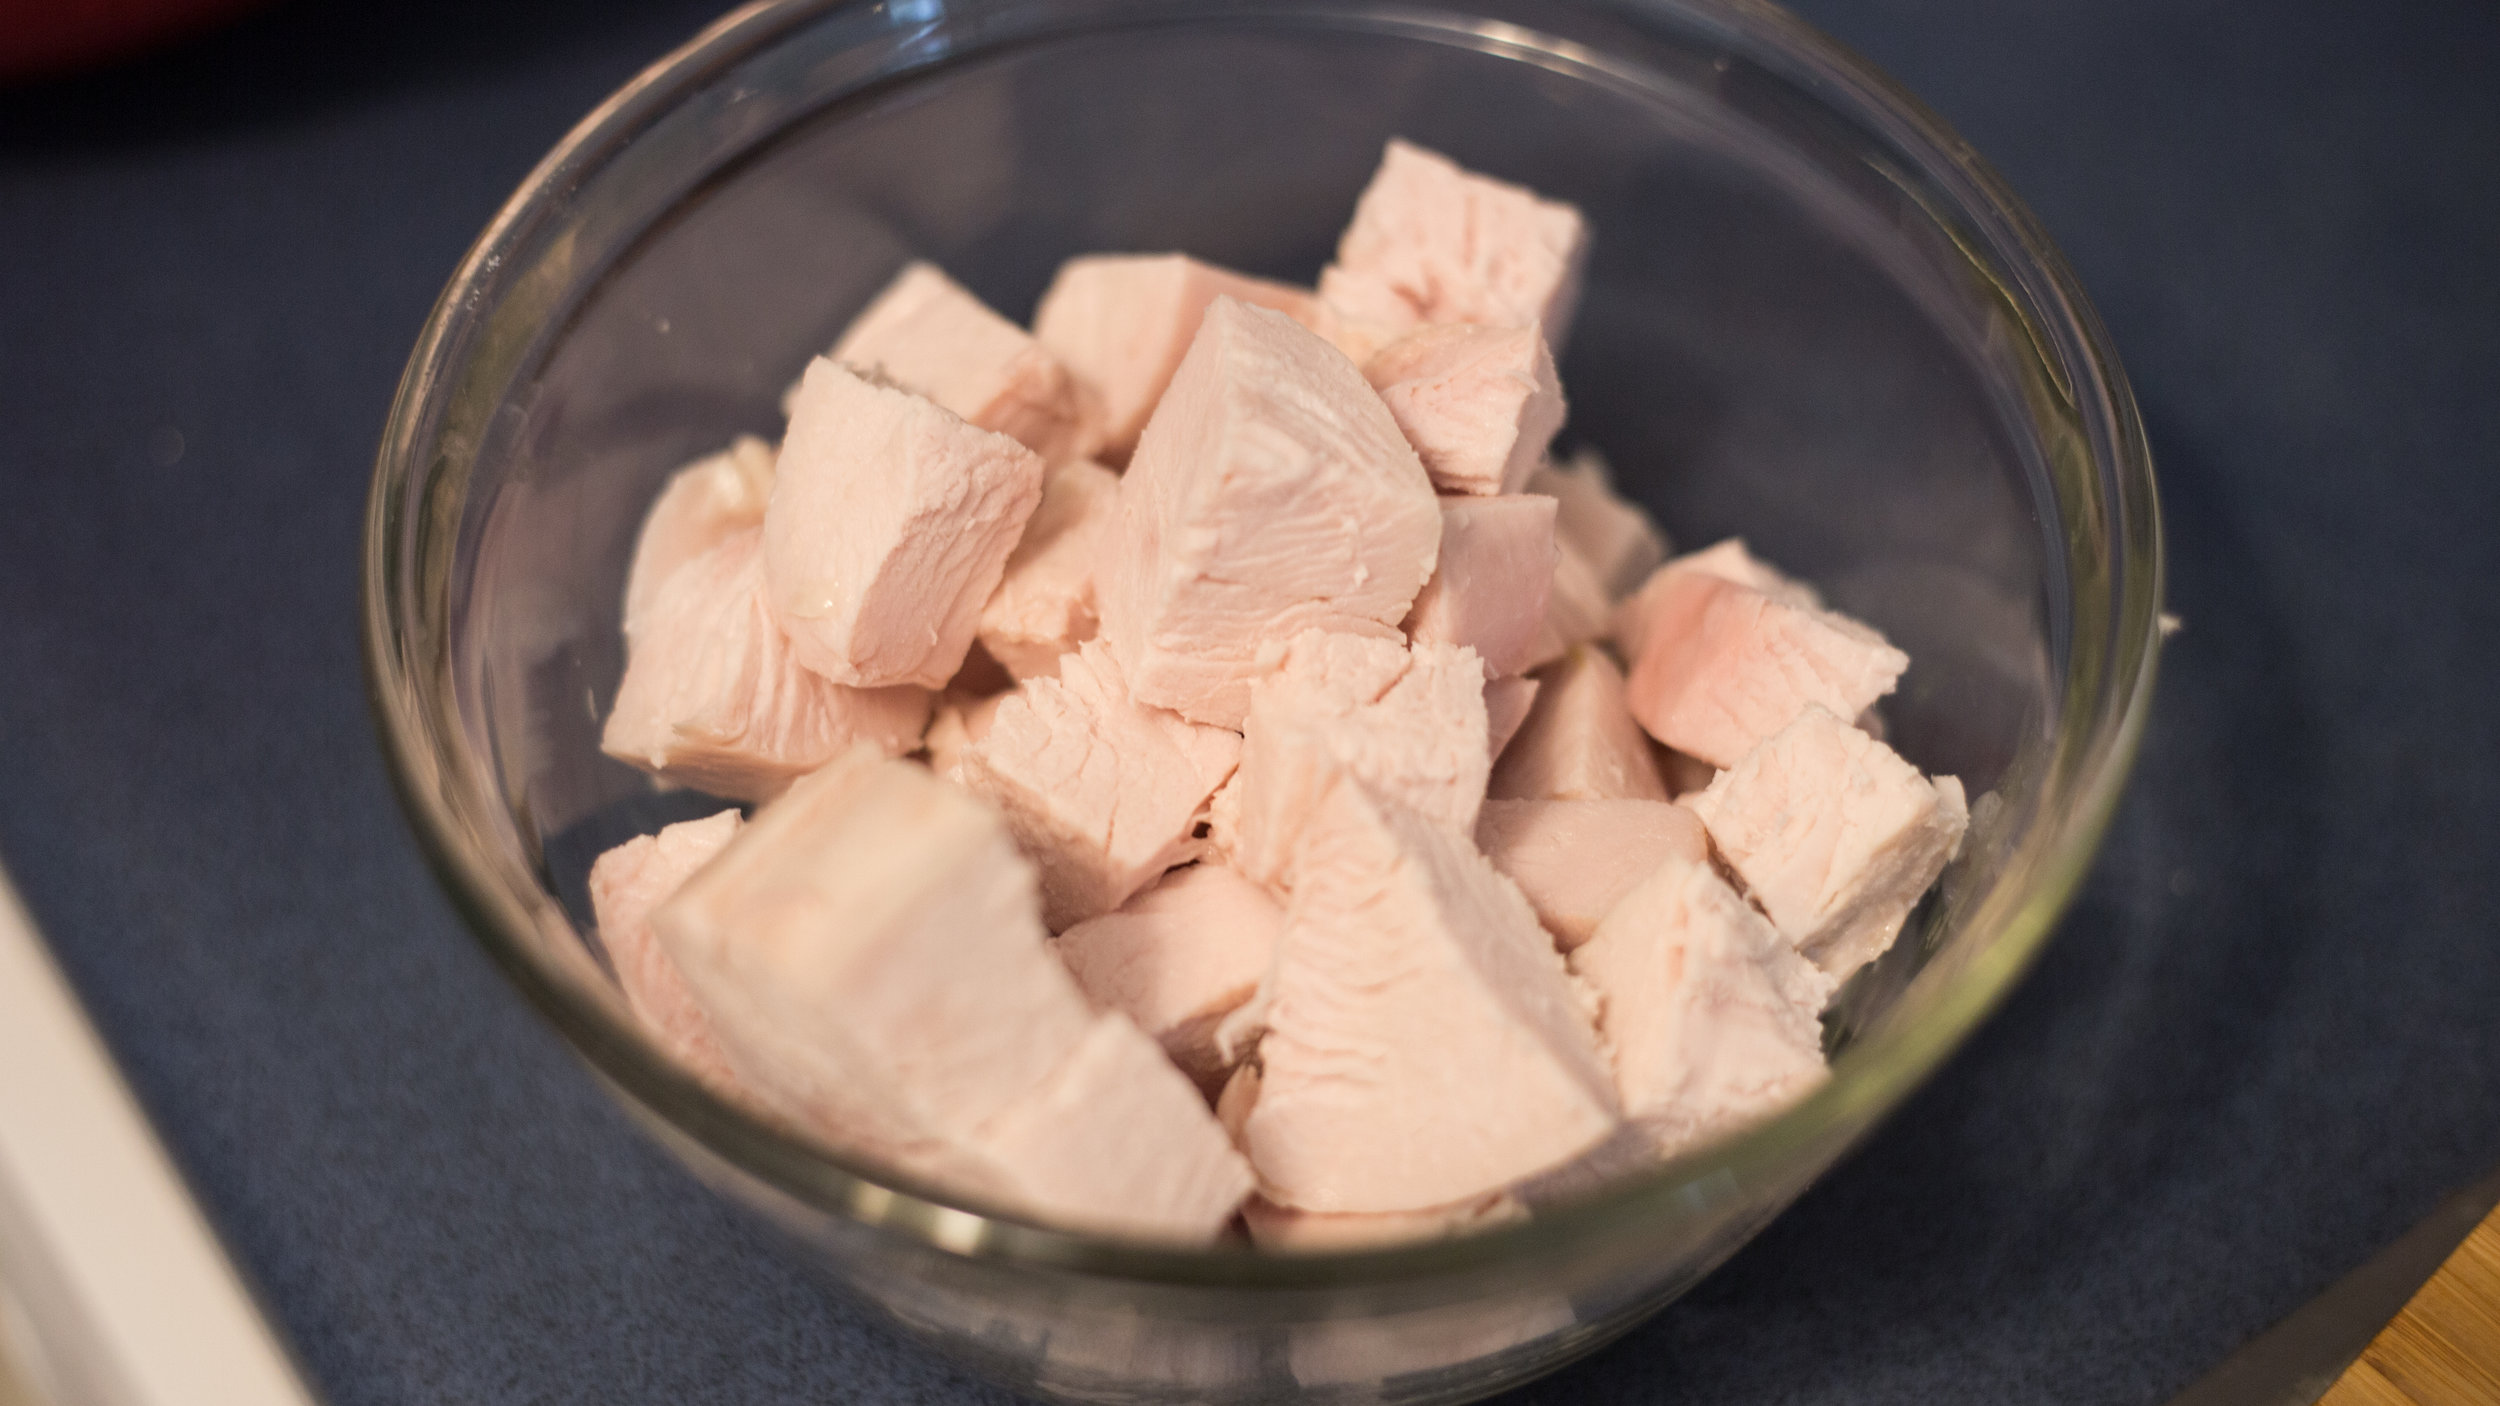 Turkey Cubes in a Bowl.jpg